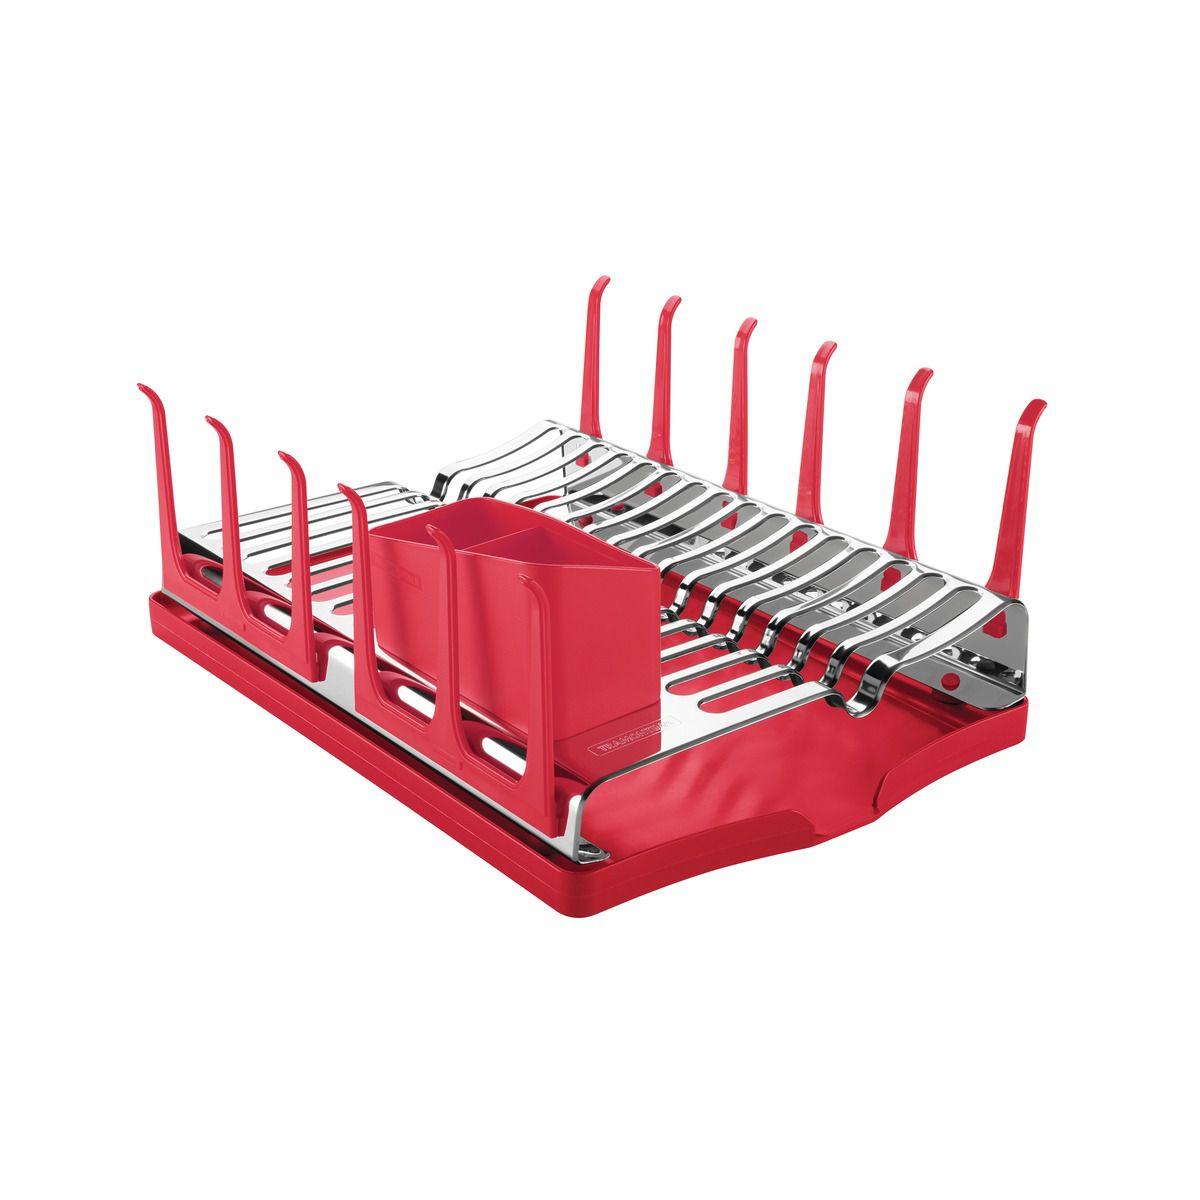 Escorredor de Louça Tramontina em Aço Inox com Bandeja Coletora Vermelha 61535/060 | Lojas Estrela